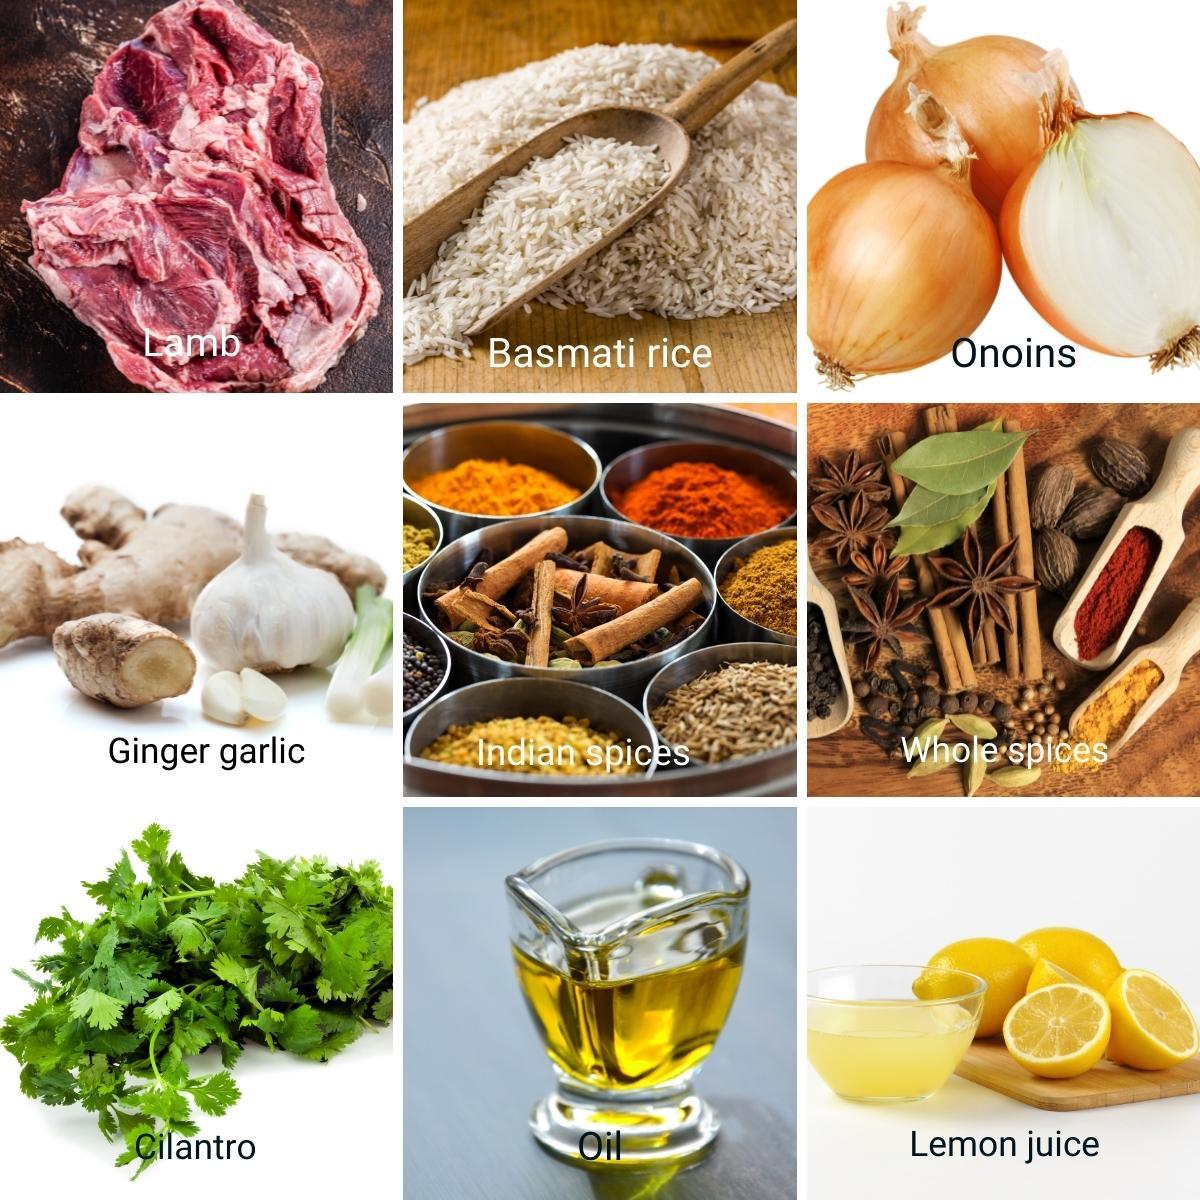 Ingredients for lamb biryani.